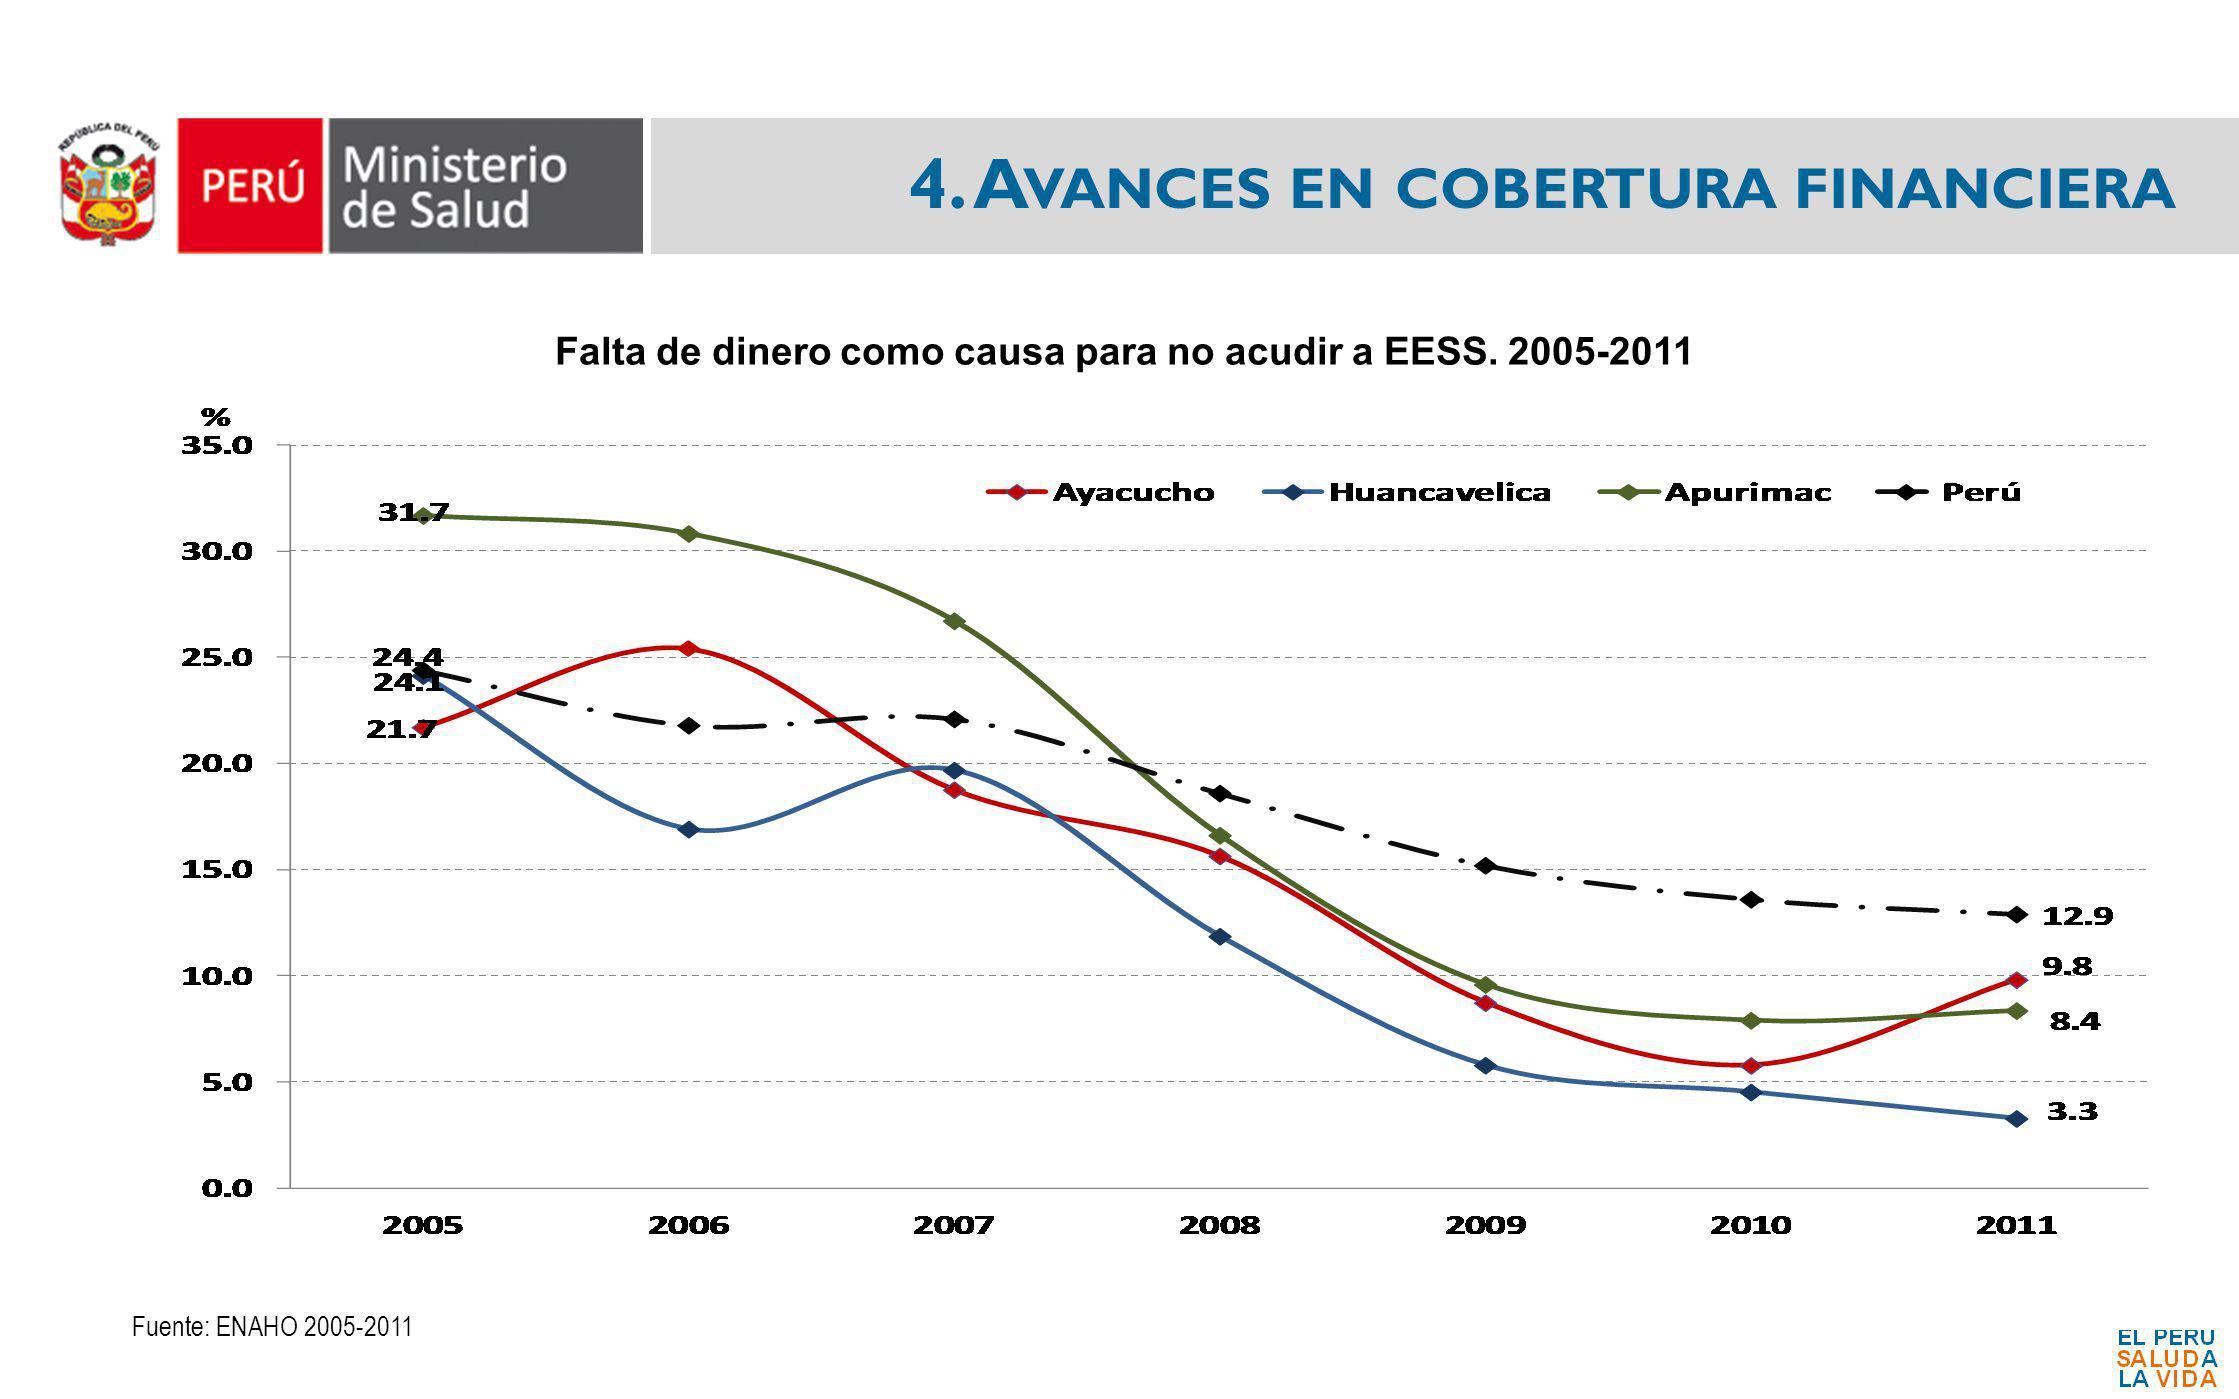 4. A VANCES EN COBERTURA FINANCIERA Falta de dinero como causa para no acudir a EESS. 2005-2011 Fuente: ENAHO 2005-2011